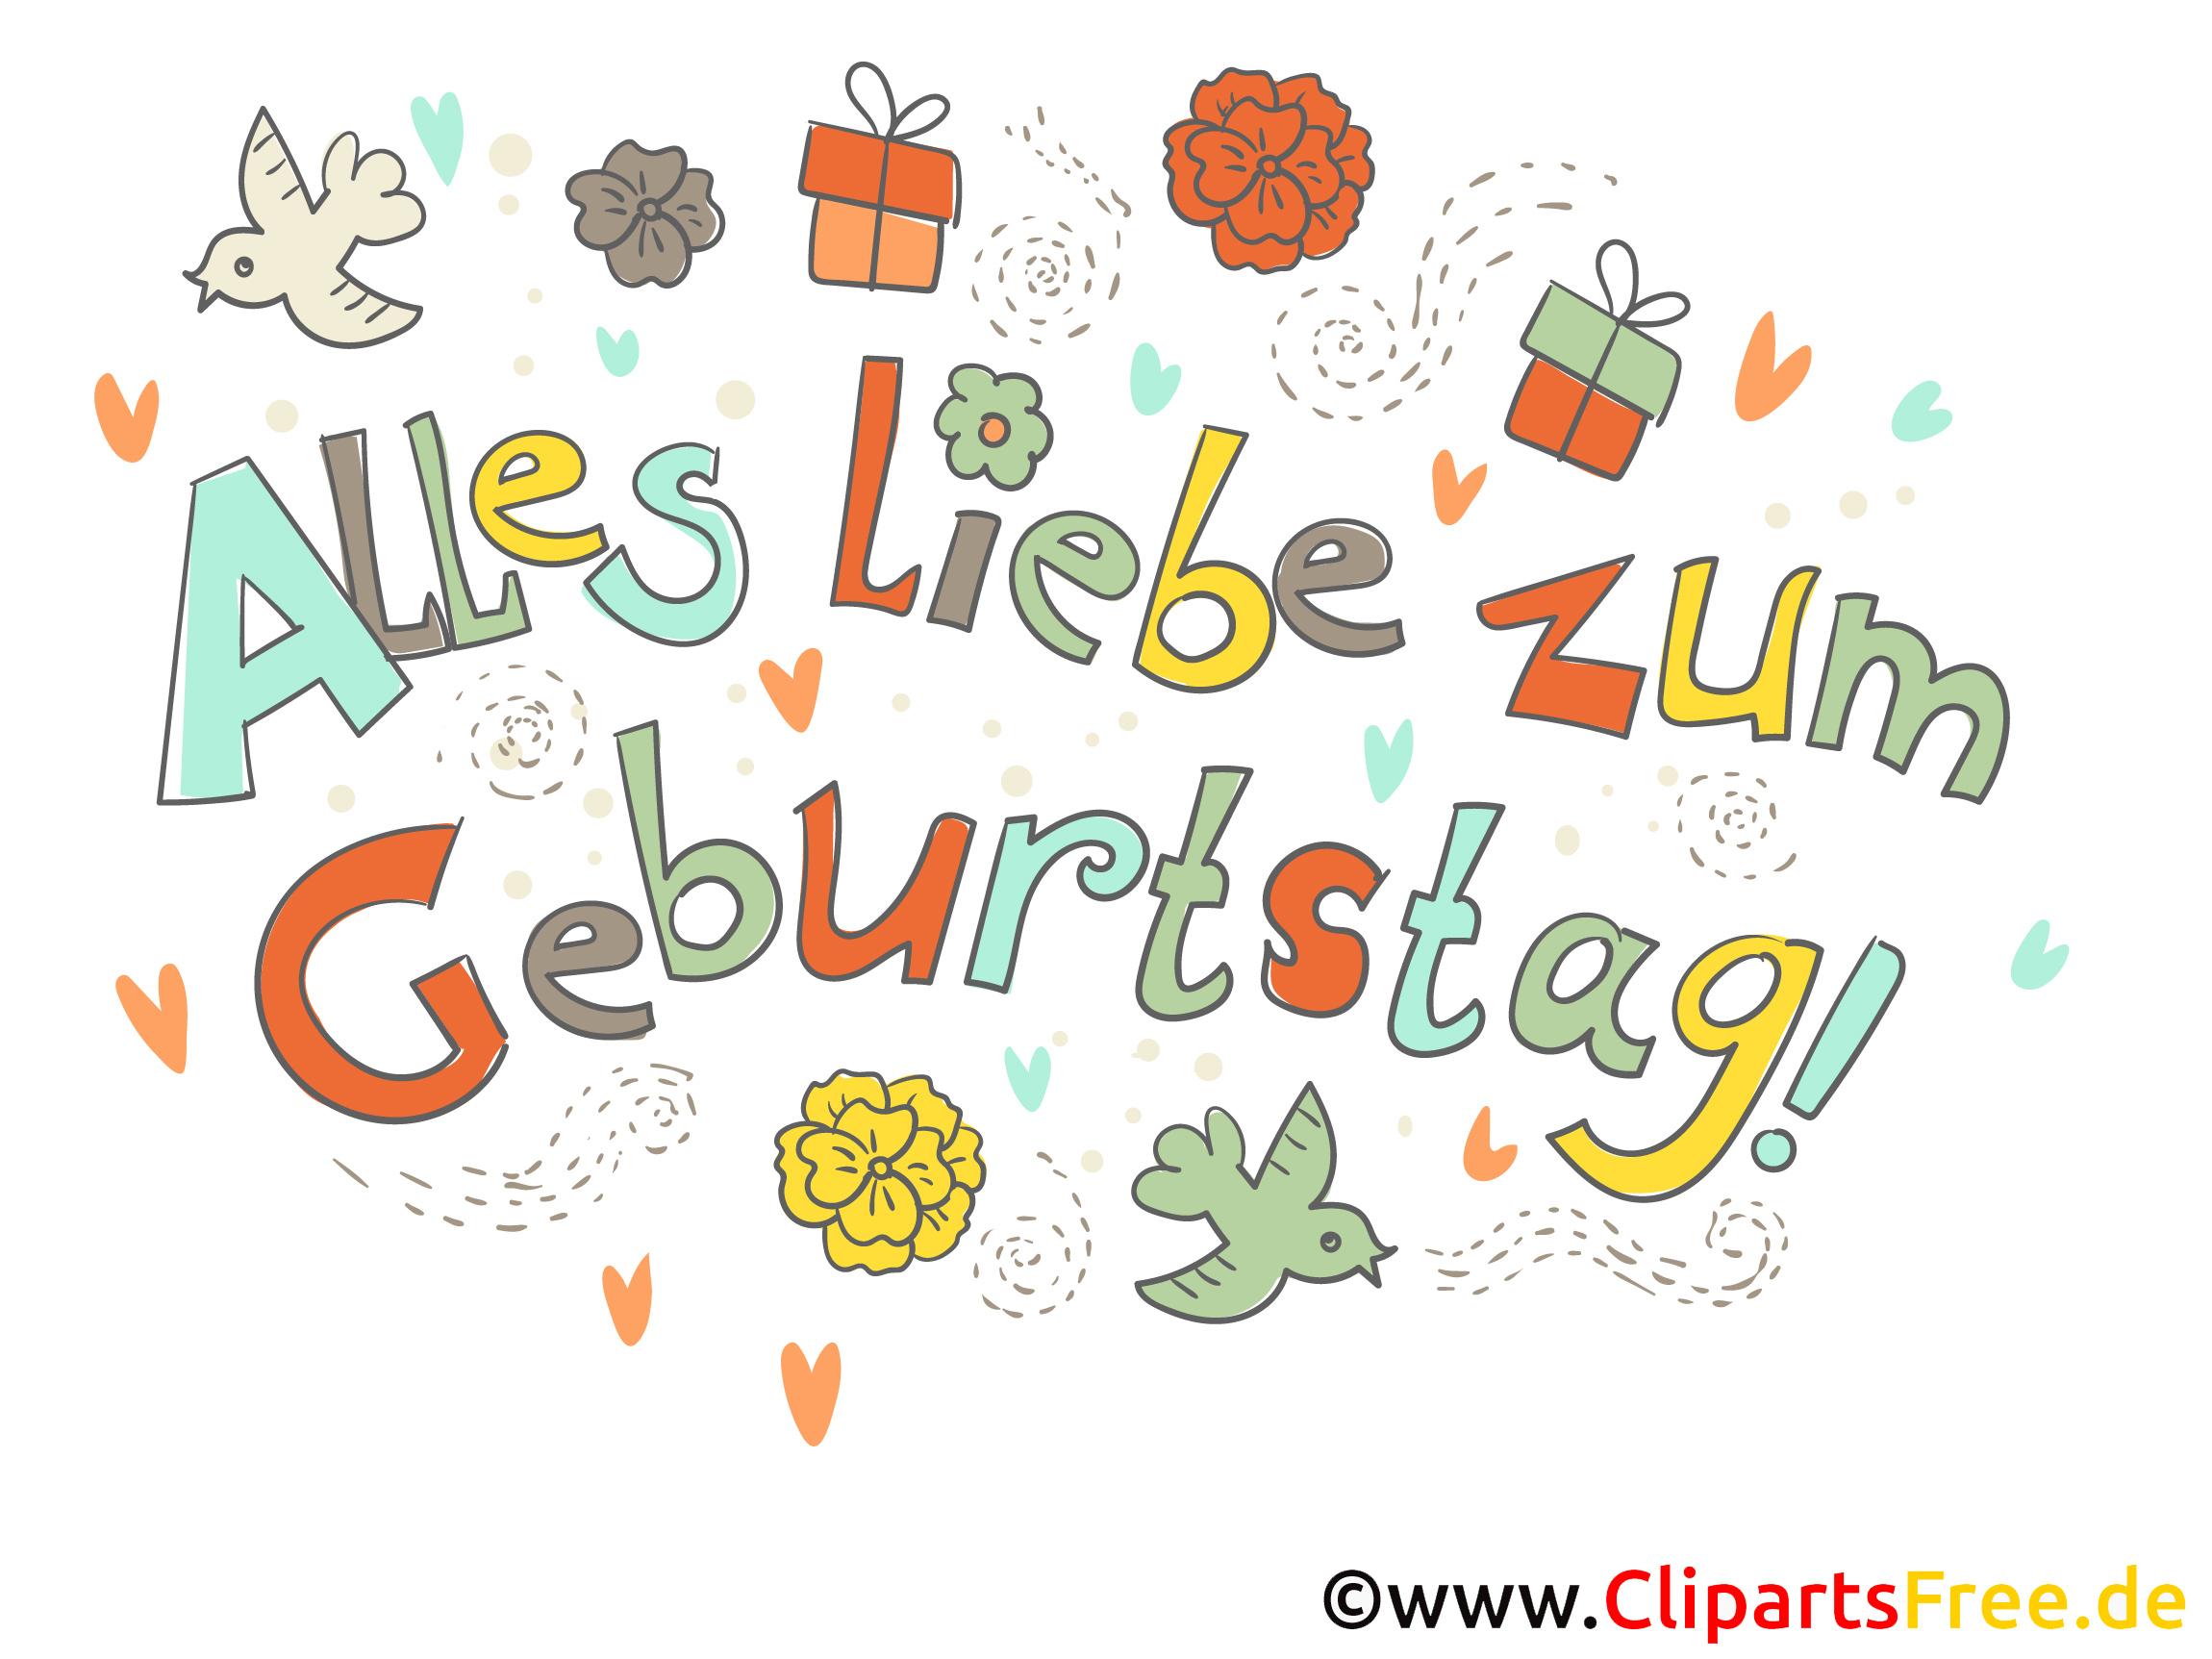 Geburtstagskarte Alles Gute Zum Geburtstag Kostenlos verwandt mit Elektronische Grußkarten Geburtstag Kostenlos